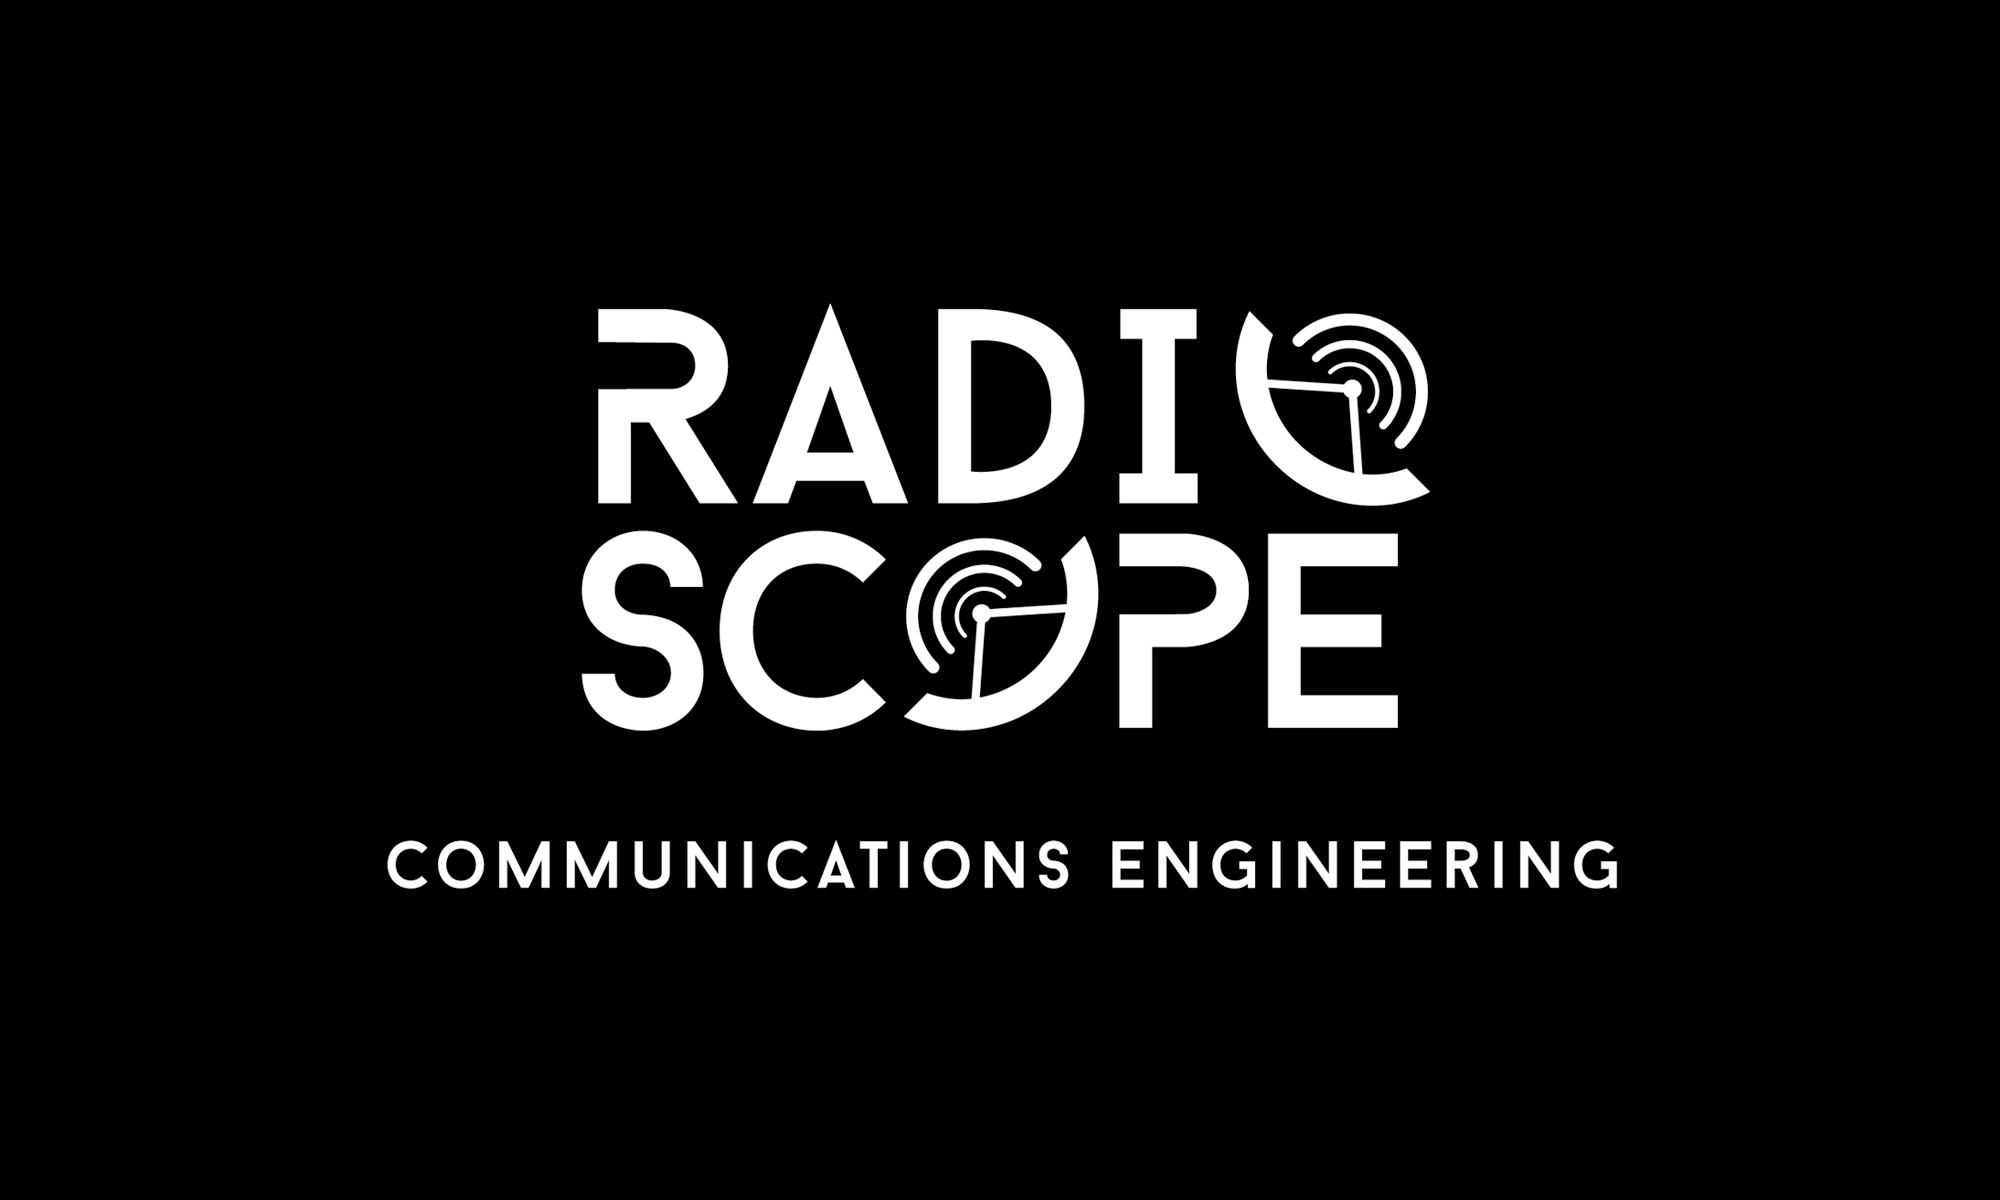 RadioScope